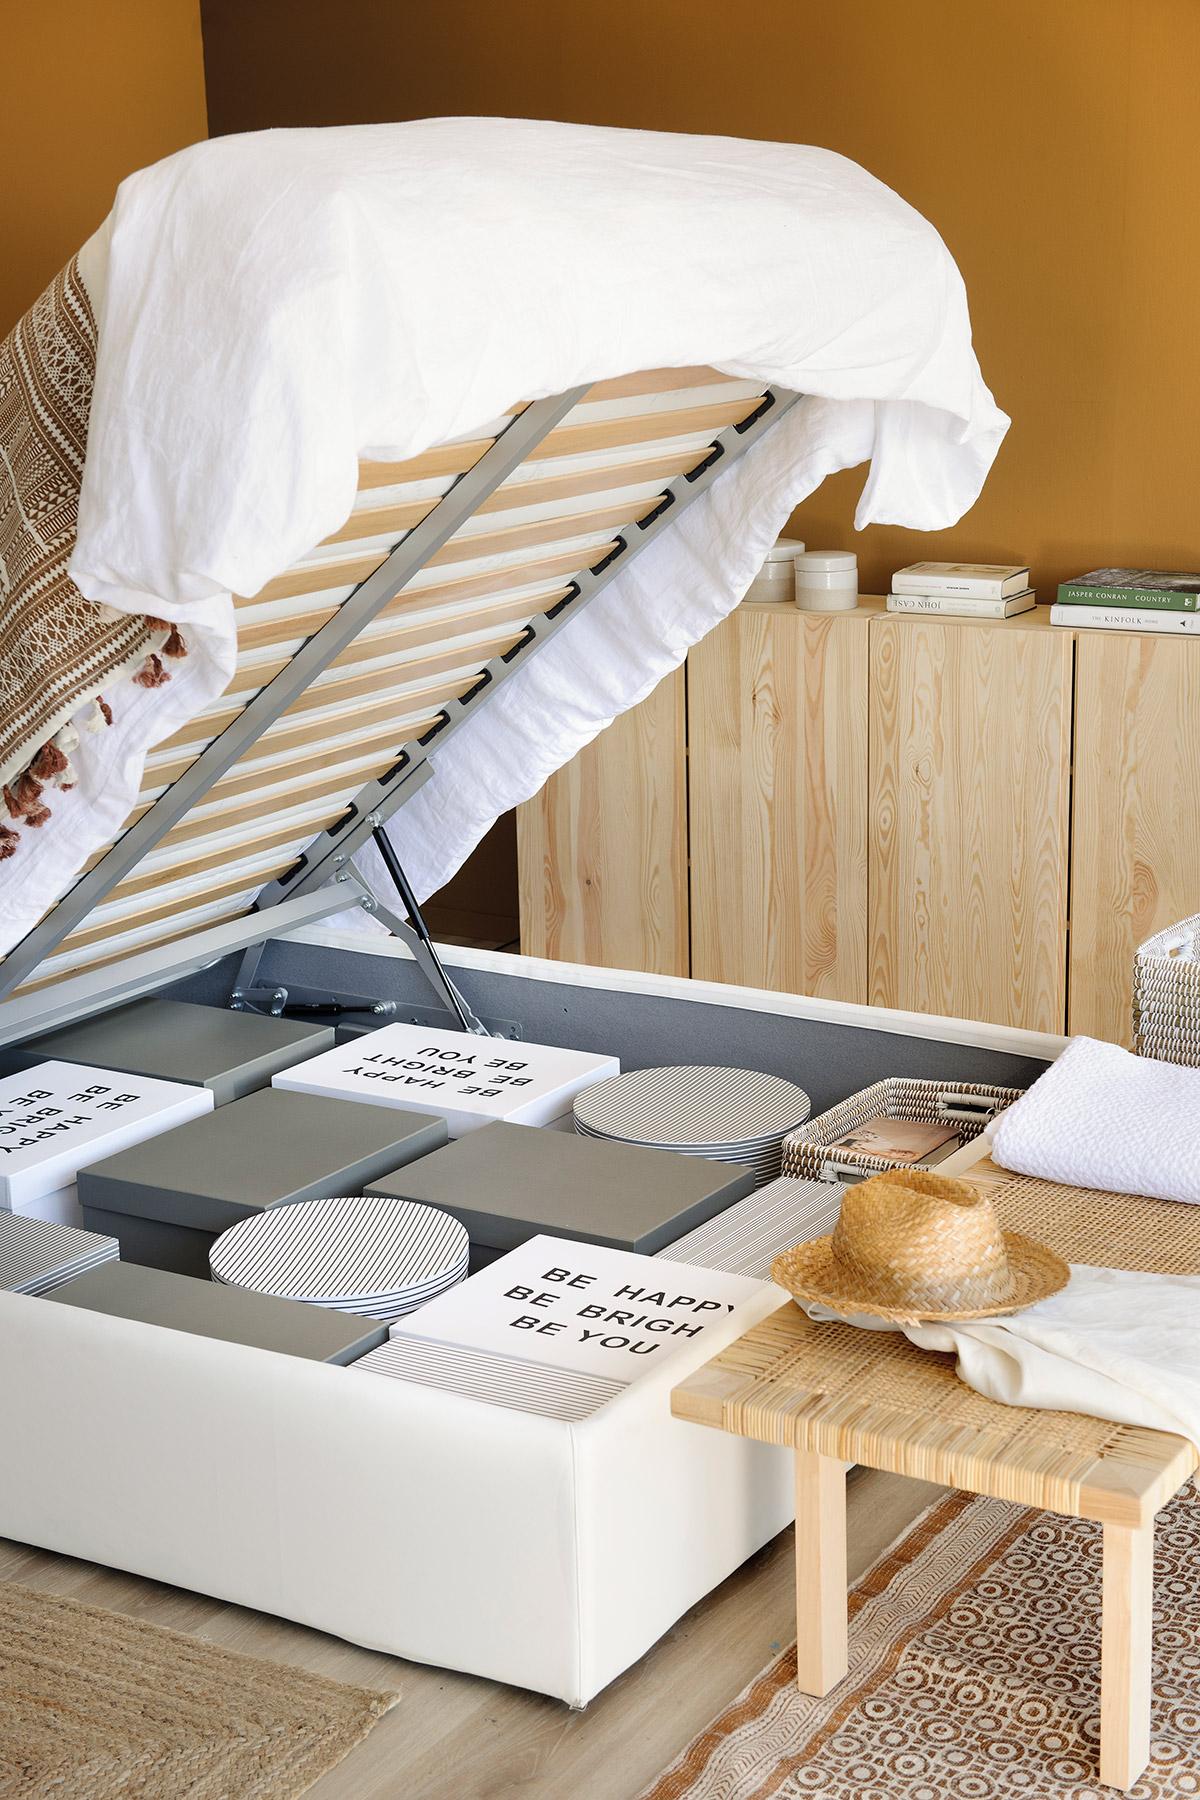 Ideas para aprovechar al m ximo el espacio de un piso peque o for Mueble cama doble